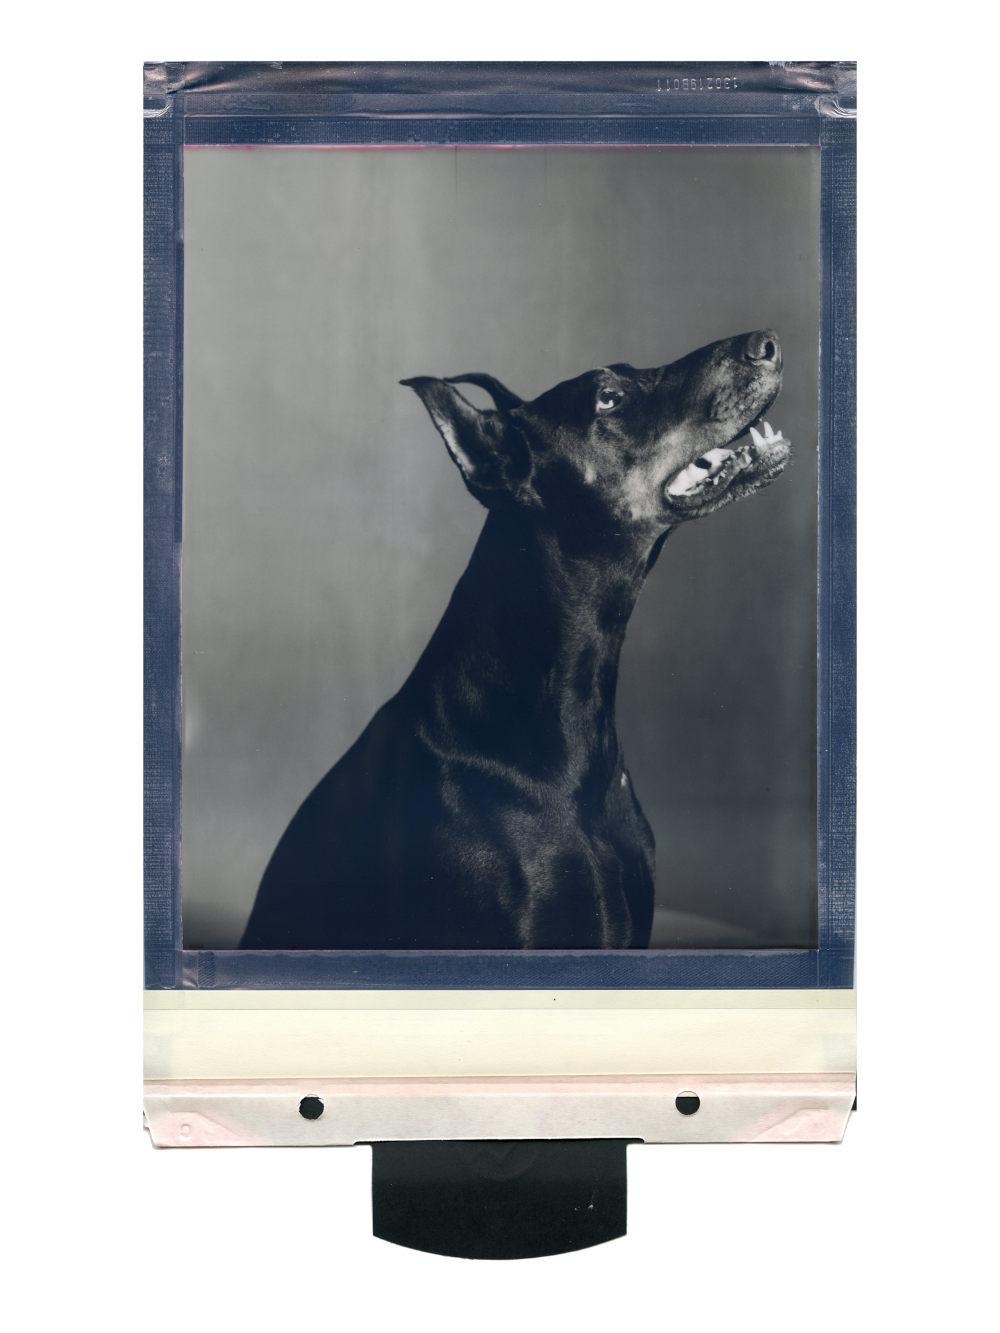 Massimiliano Muner, Pu94, 2019. Instant film, monochrome 8 x 10cm, polaroid originals